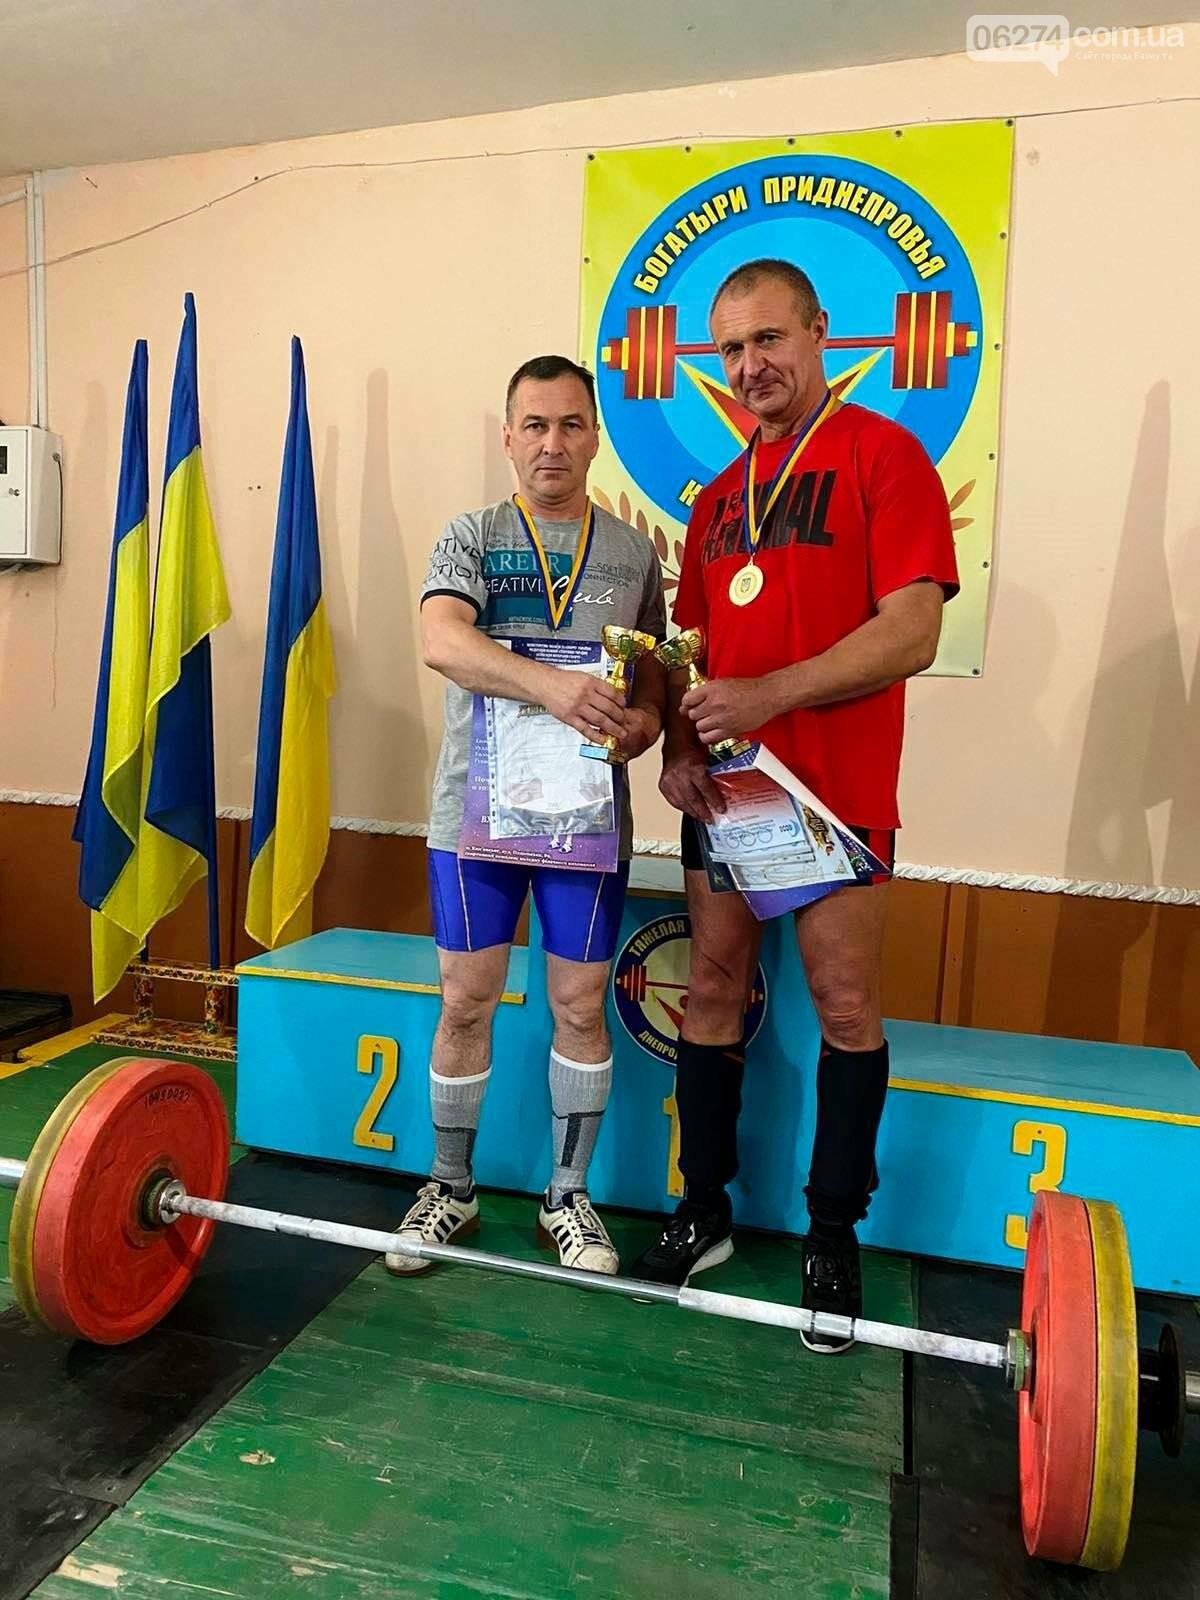 Тяжелоатлеты Бахмута стали призерами чемпионата Украины среди ветеранов, фото-6